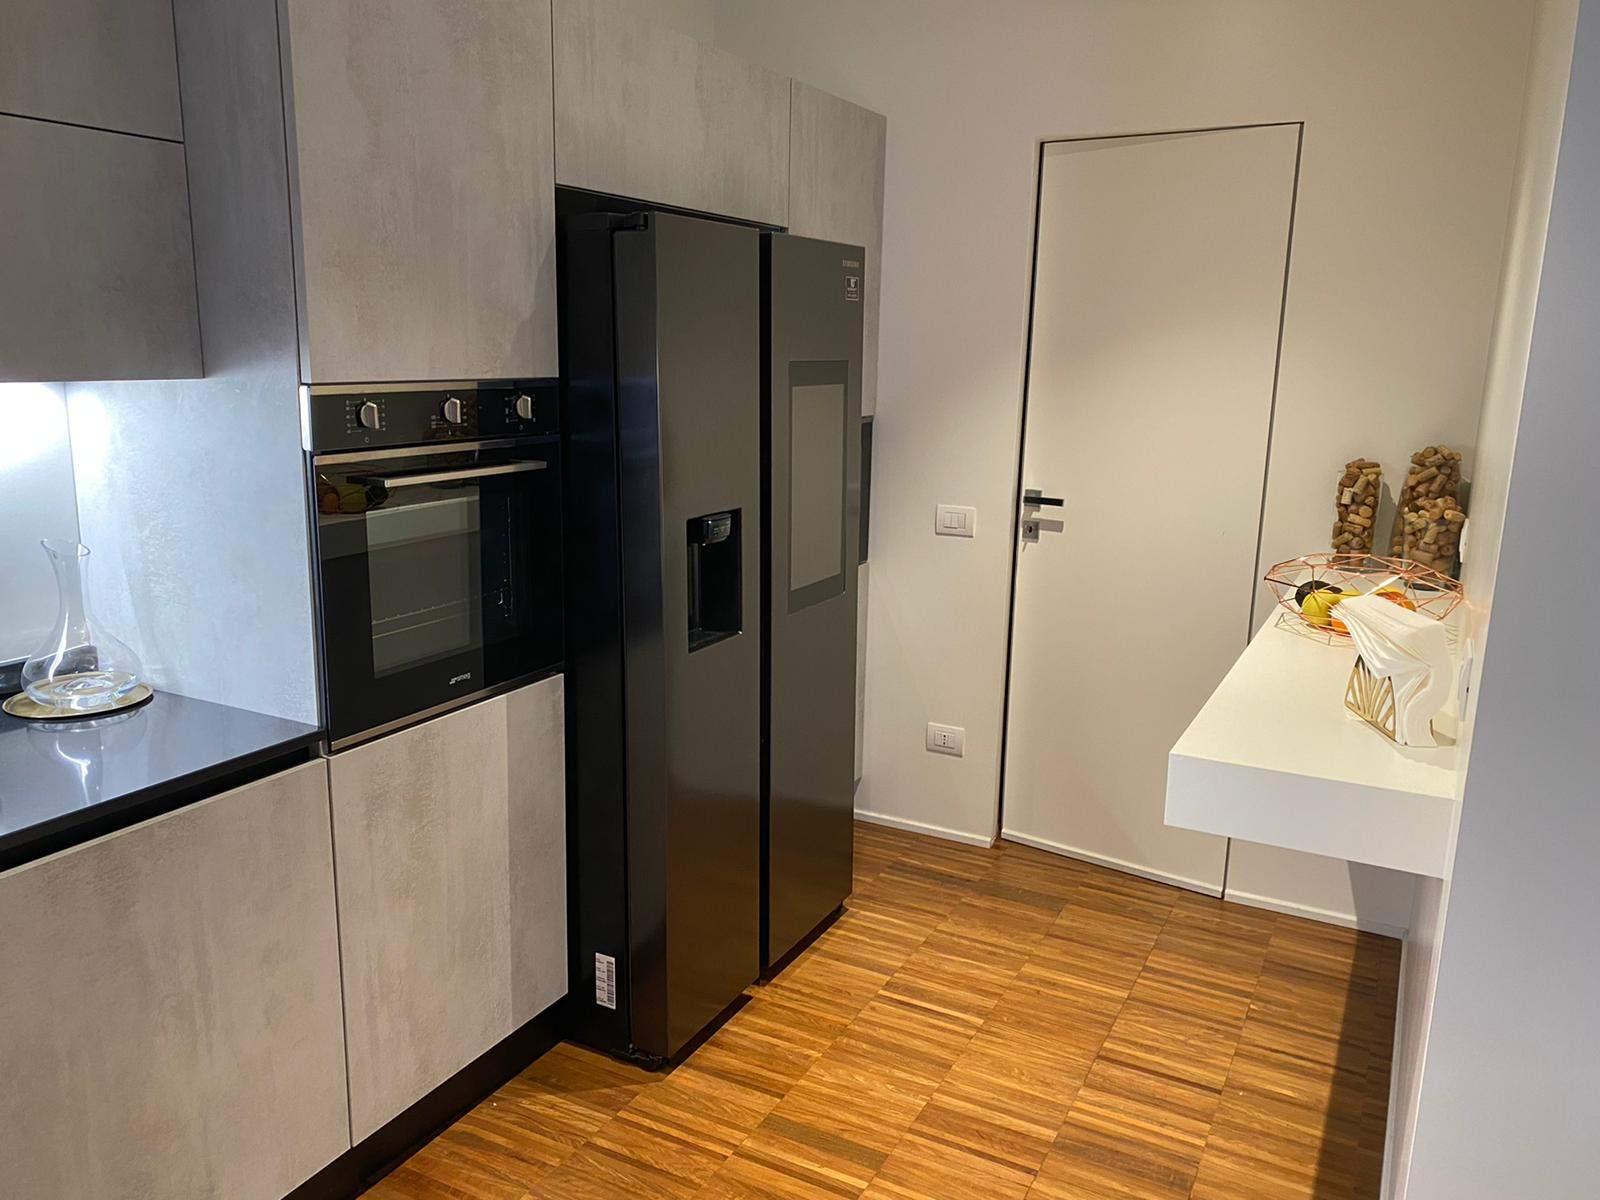 Appartamento-in-vendita-3-tre-locali-terrazzo-giardino-nuova-costruzione-spaziourbano-immobiliare-vende-milano-8